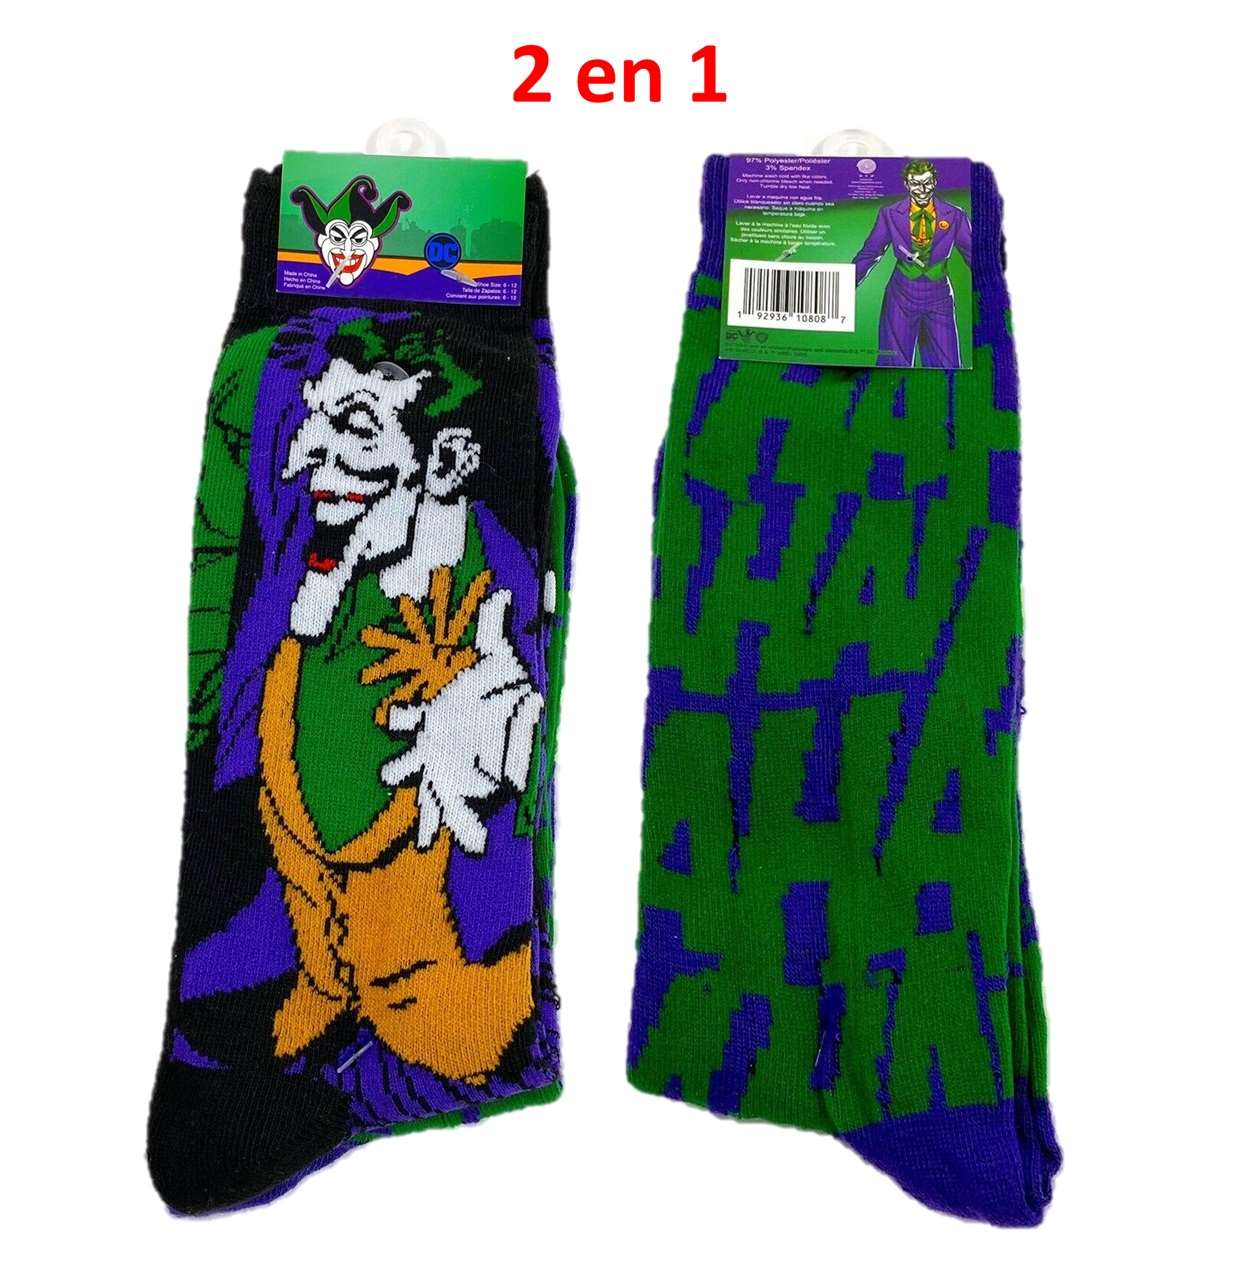 Pack 2 En 1 Calcetin (socks) The Joker Size 6/12 Hyponline